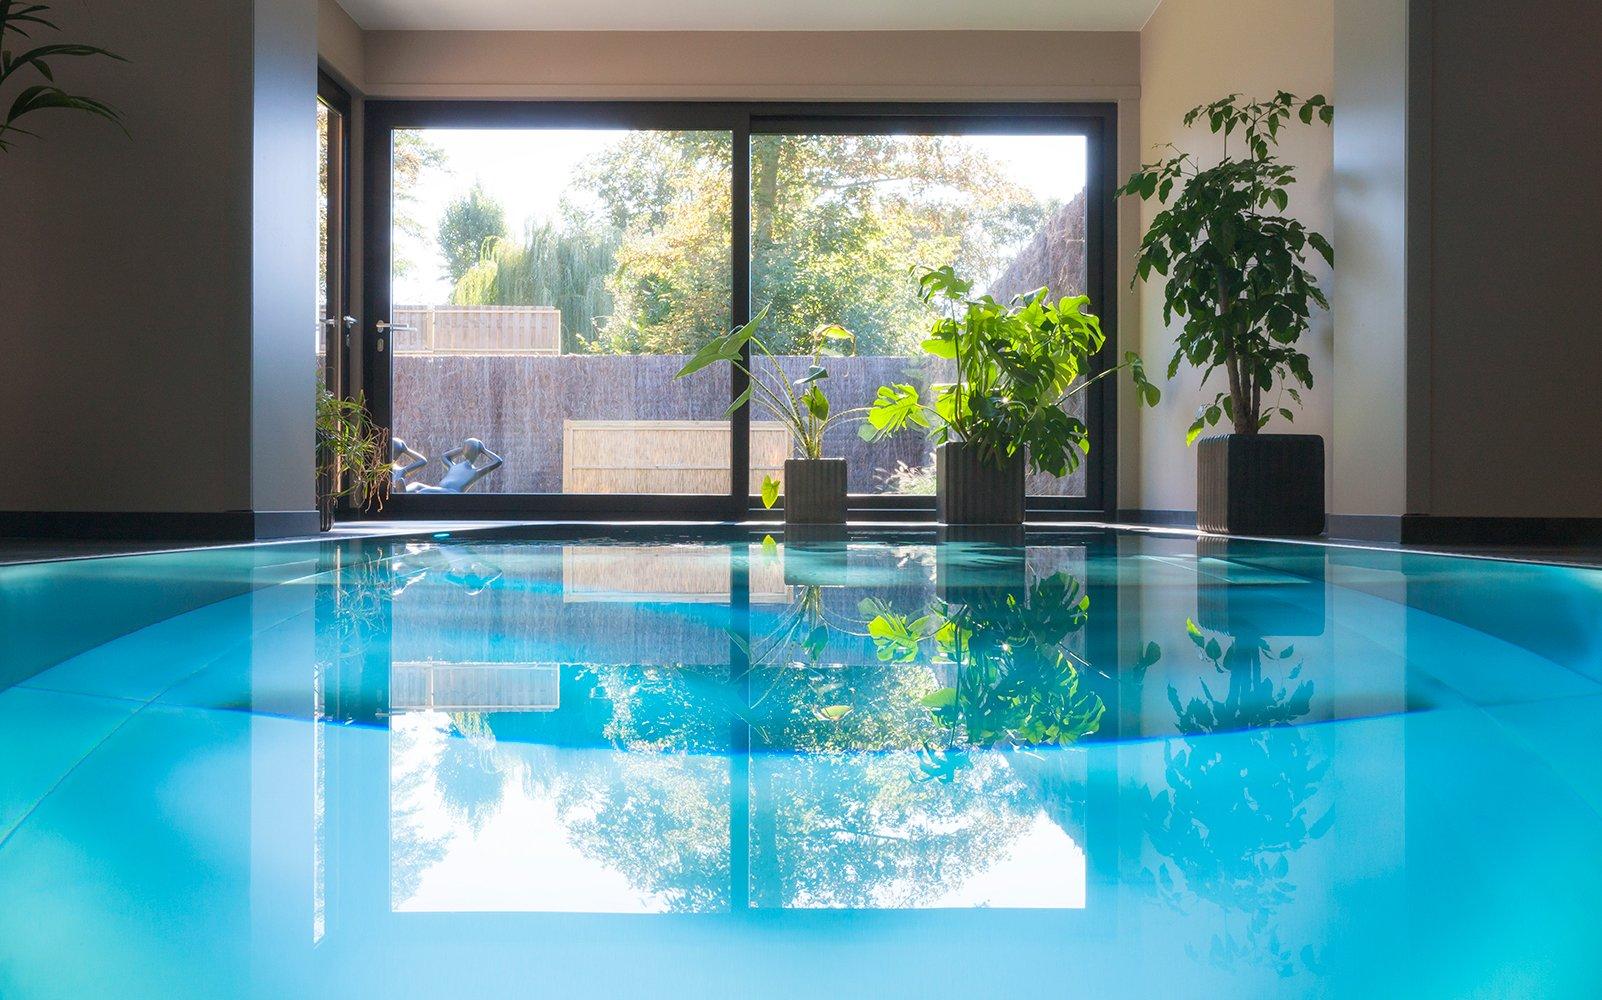 Exclusief binnenzwembad, zwembad, wellness, Nouv'eau Zwembaden